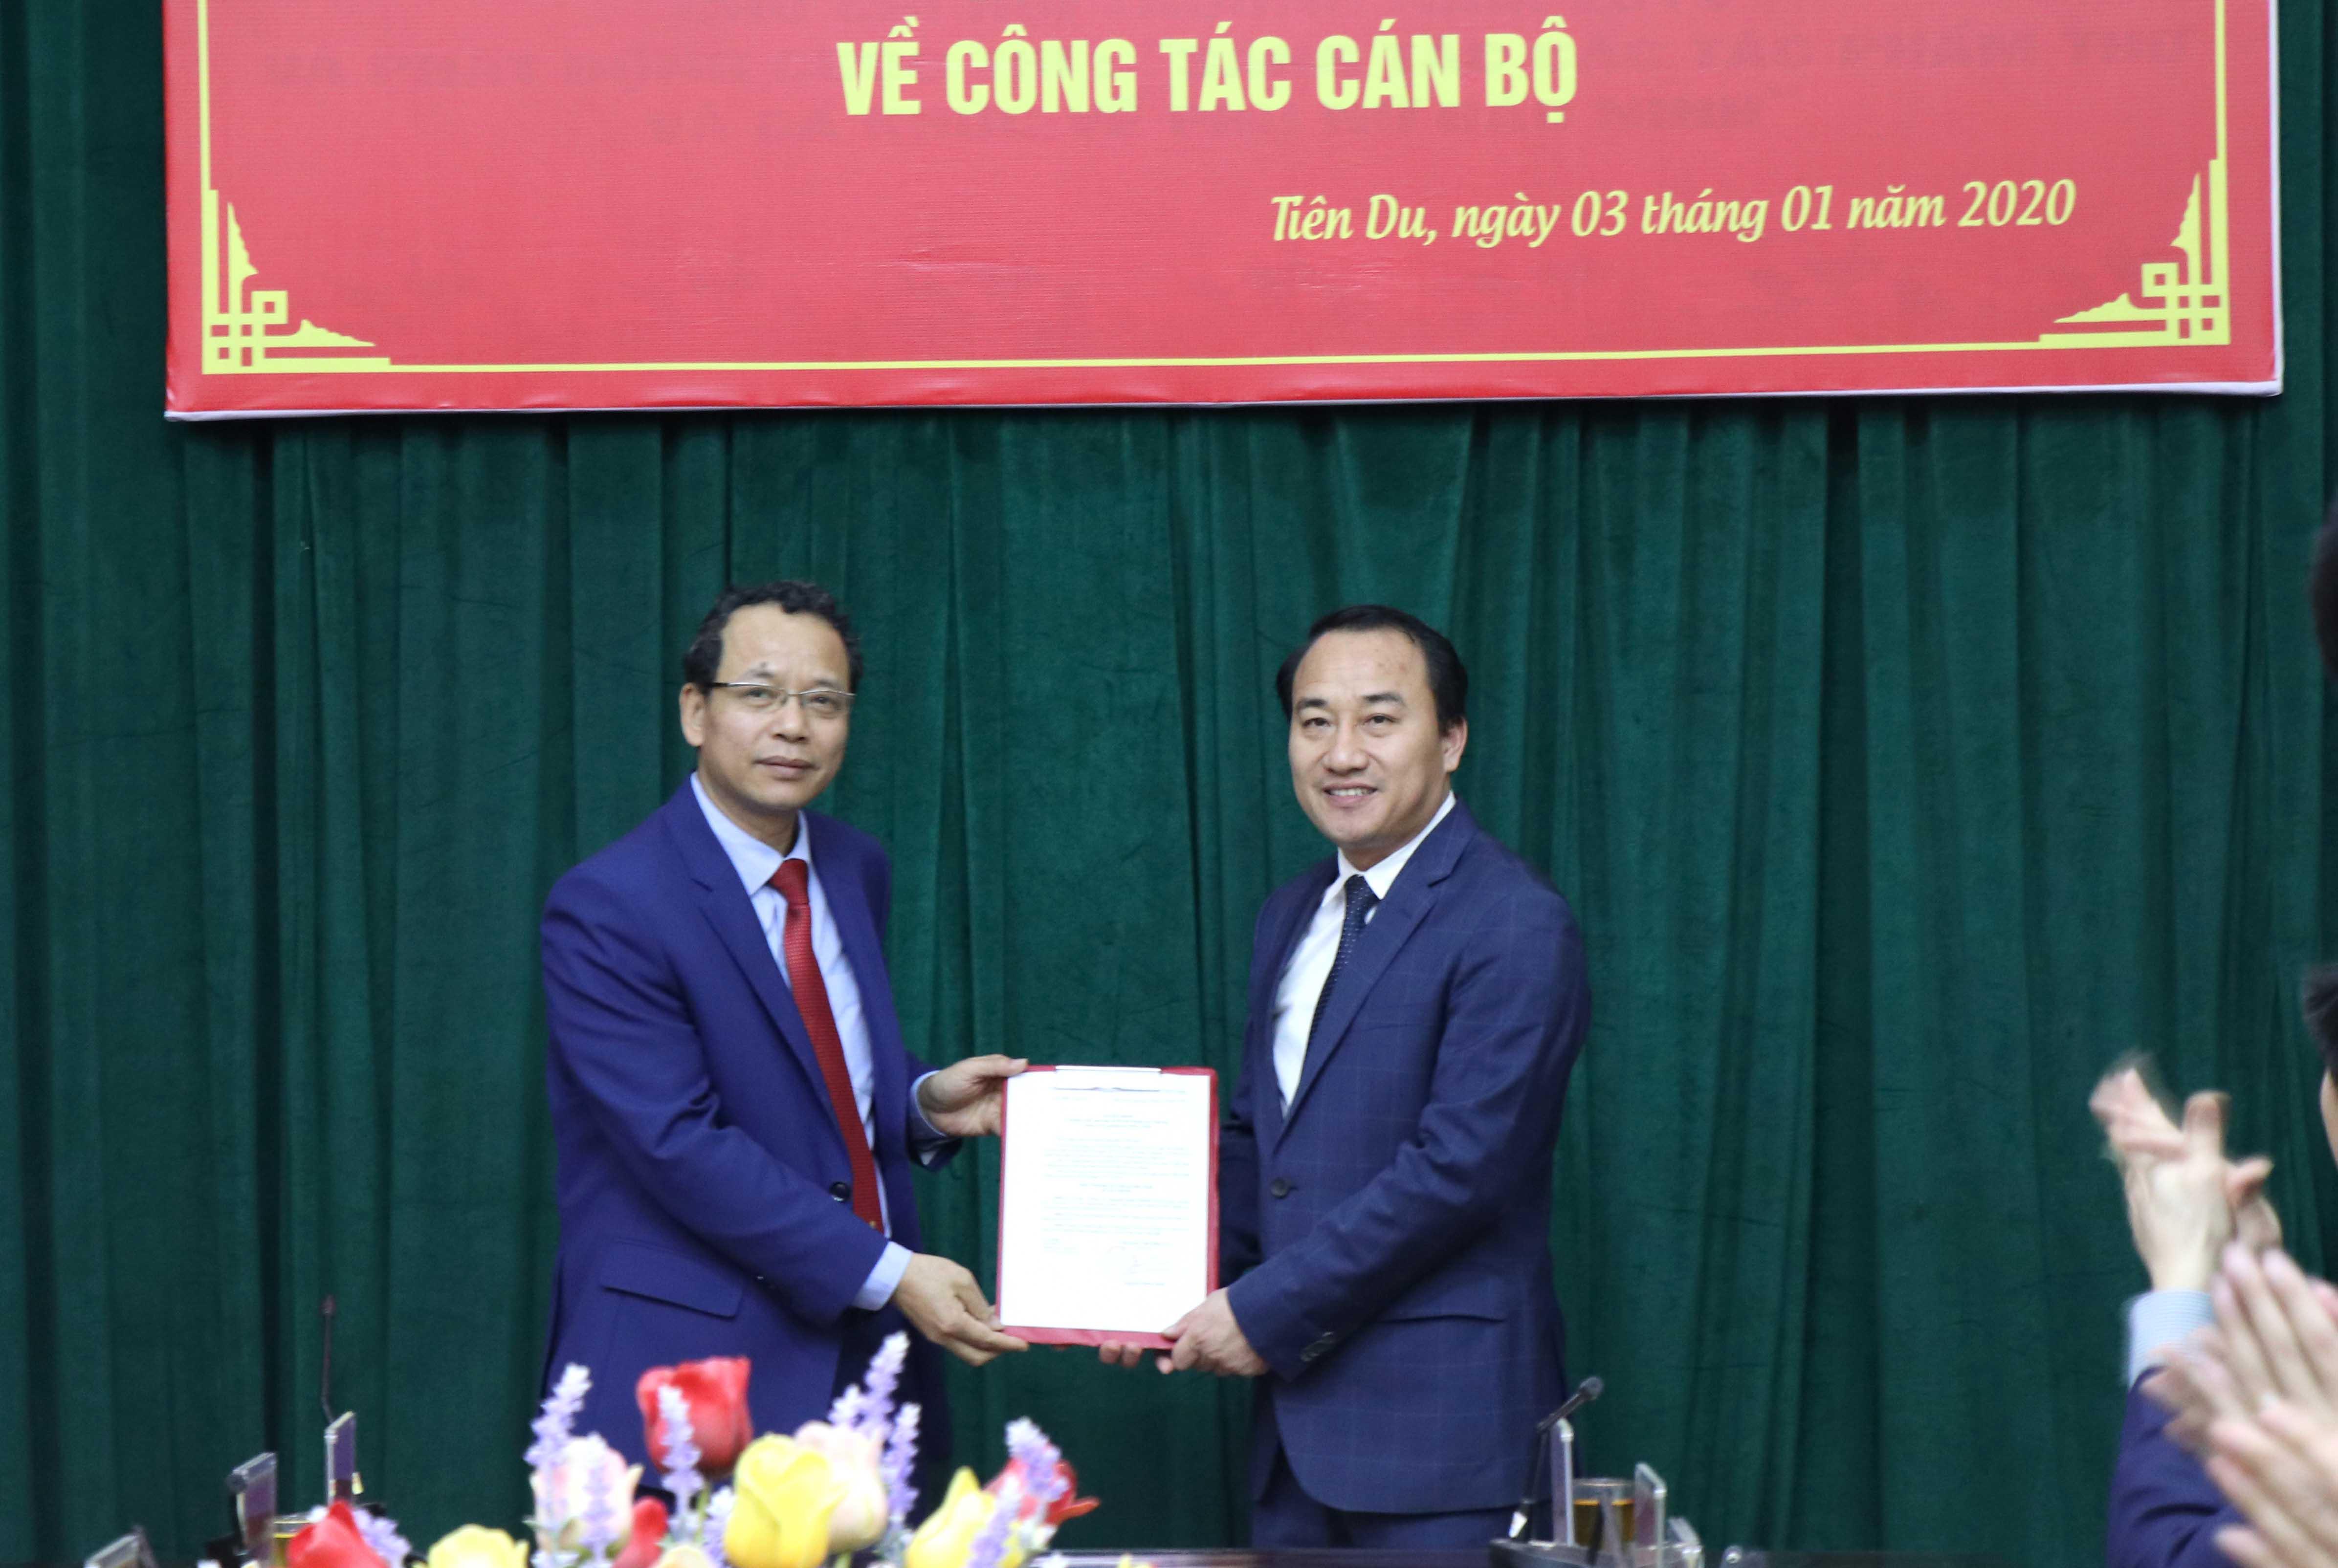 Huyện Tiên Du (Bắc Ninh) có Bí thư Huyện ủy mới